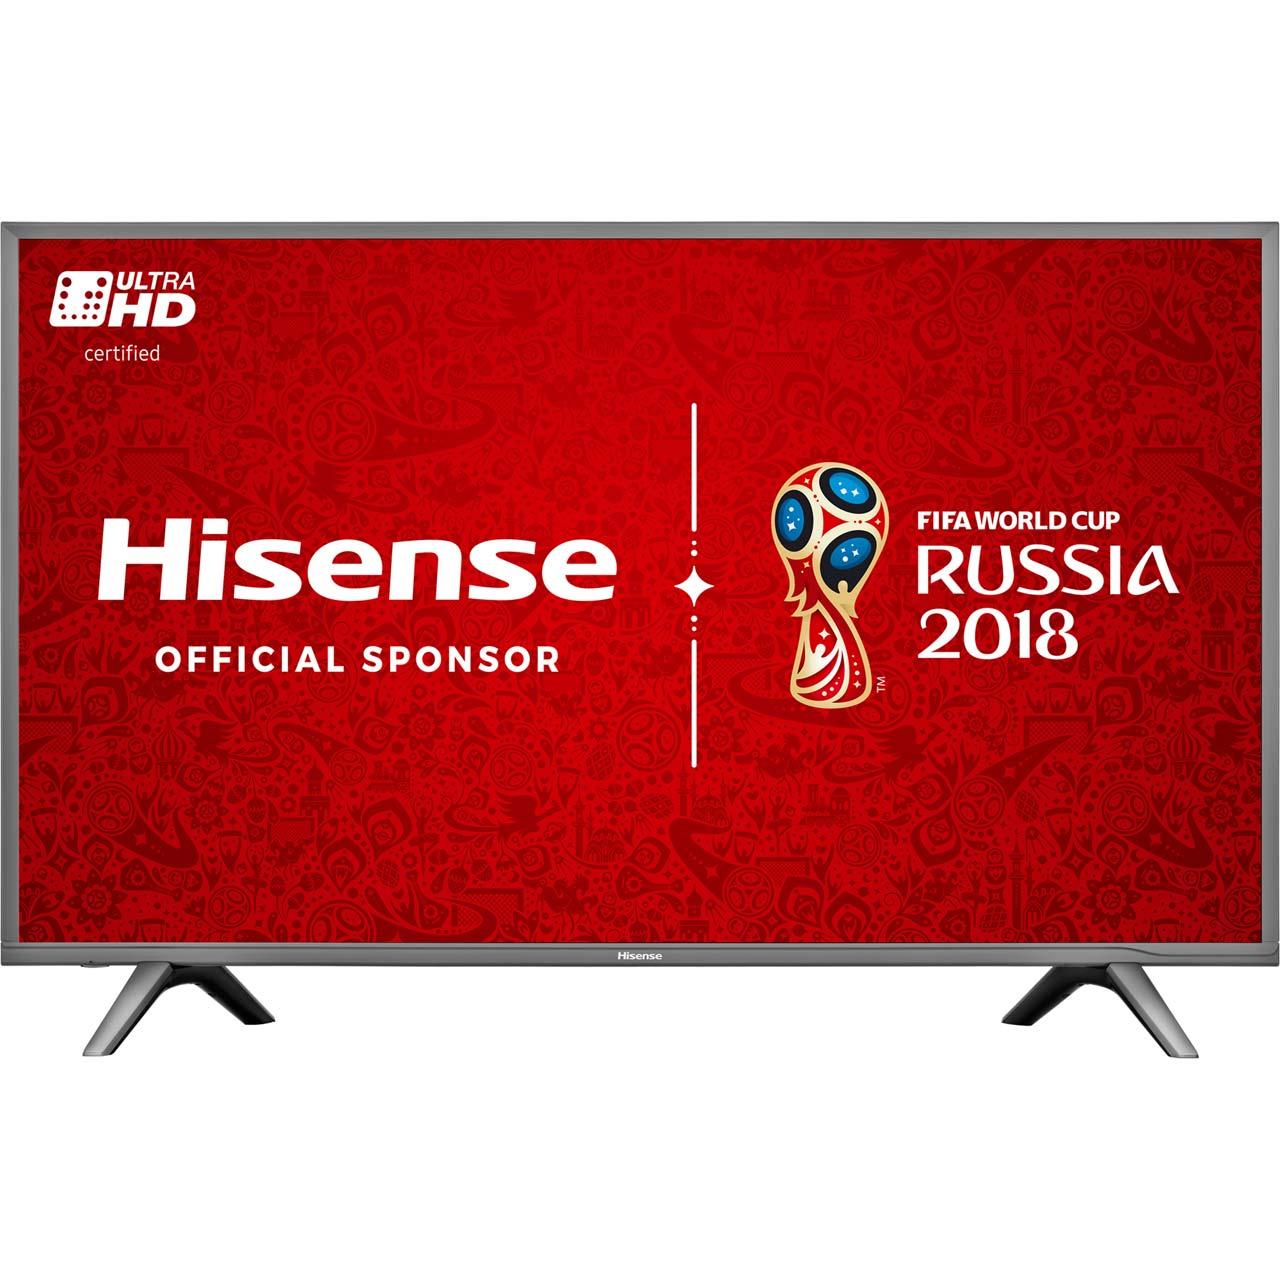 """Hisense H55N5700 55"""" Smart 4K Ultra HD with HDR TV - Grey £444 at ao.com"""